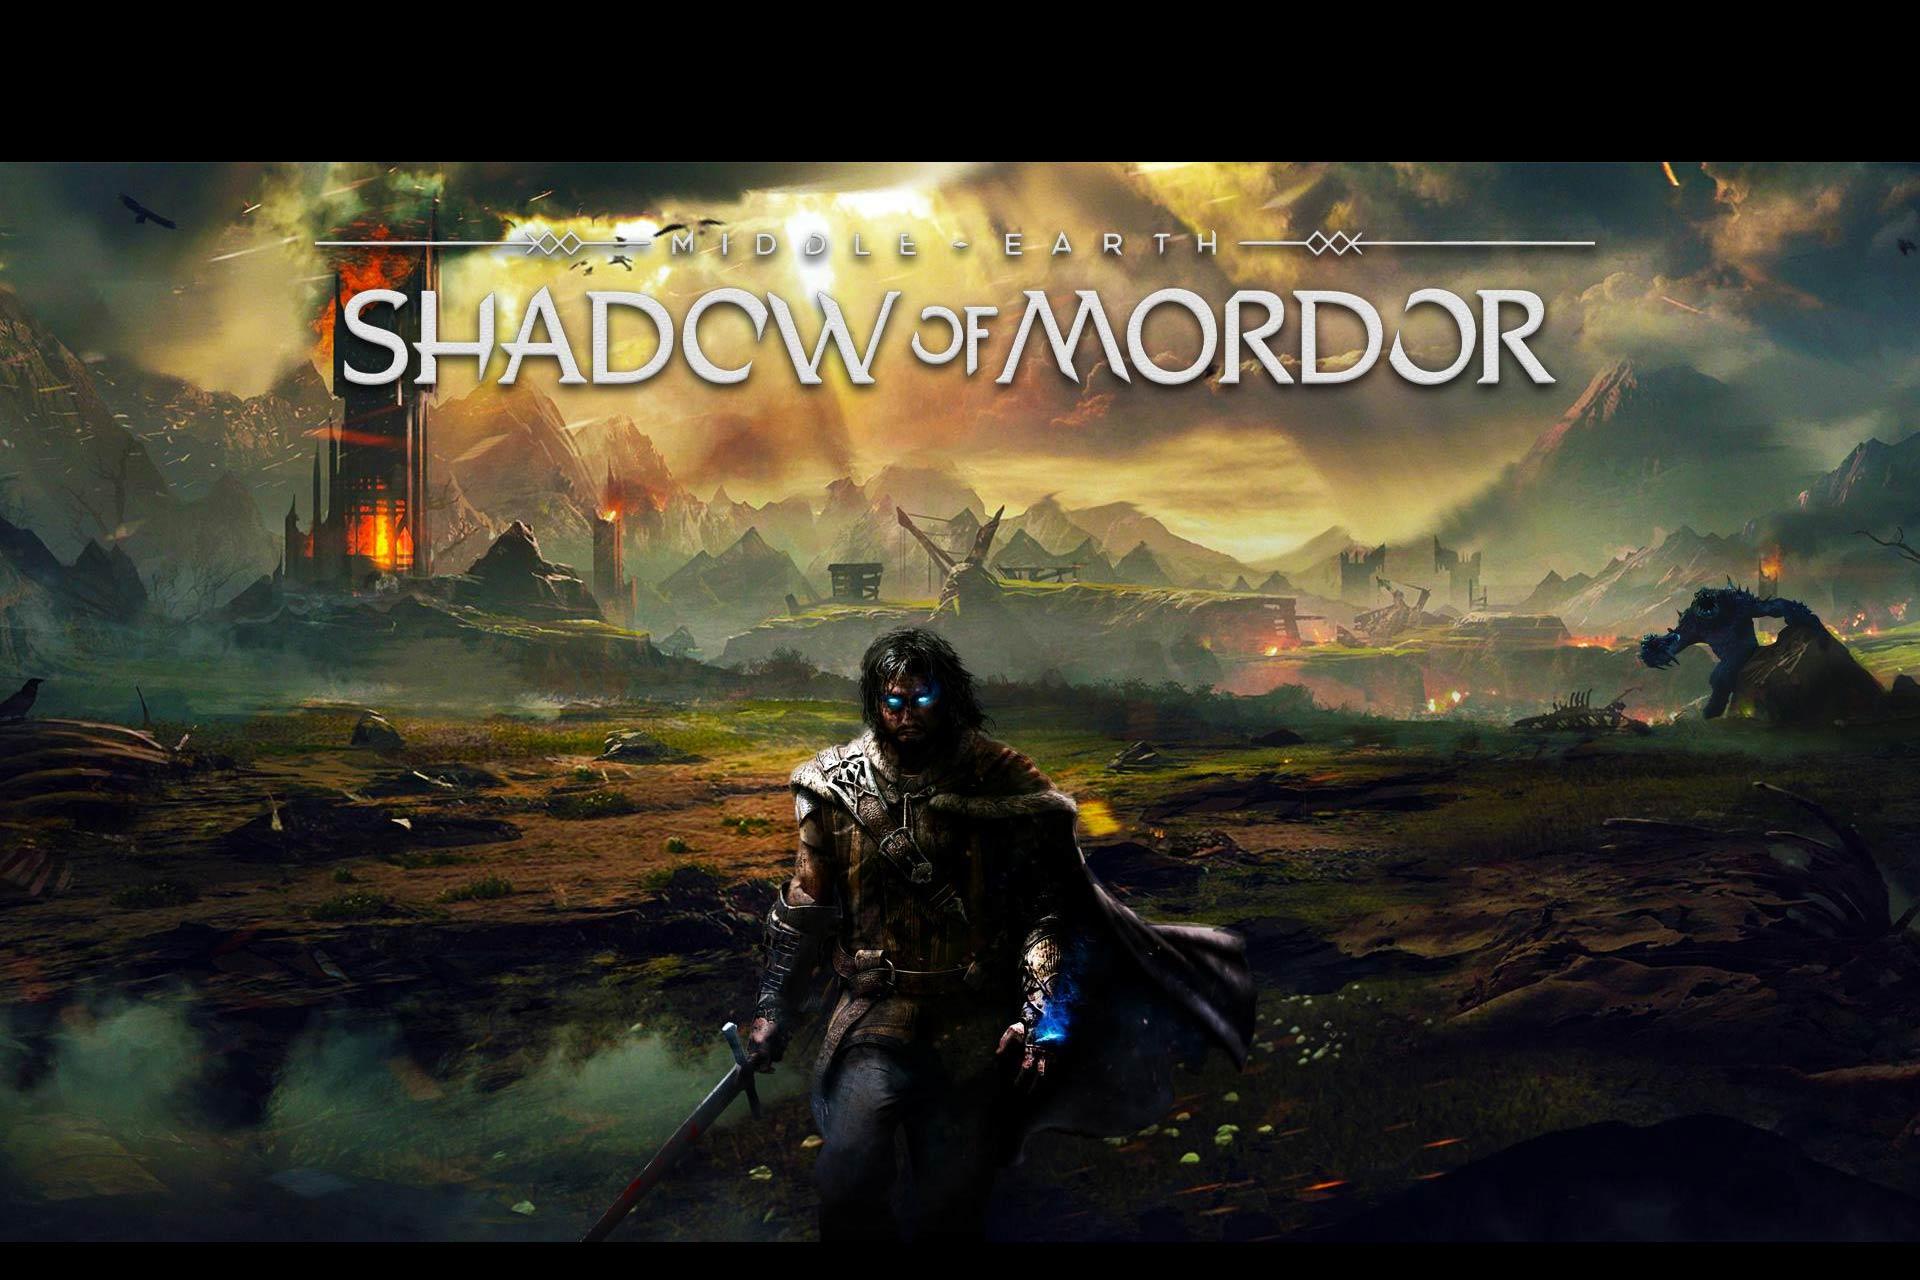 La empresa le pagó a youtubers para que promocionaran al videojuego Middle Earth: Shadow of Mordor